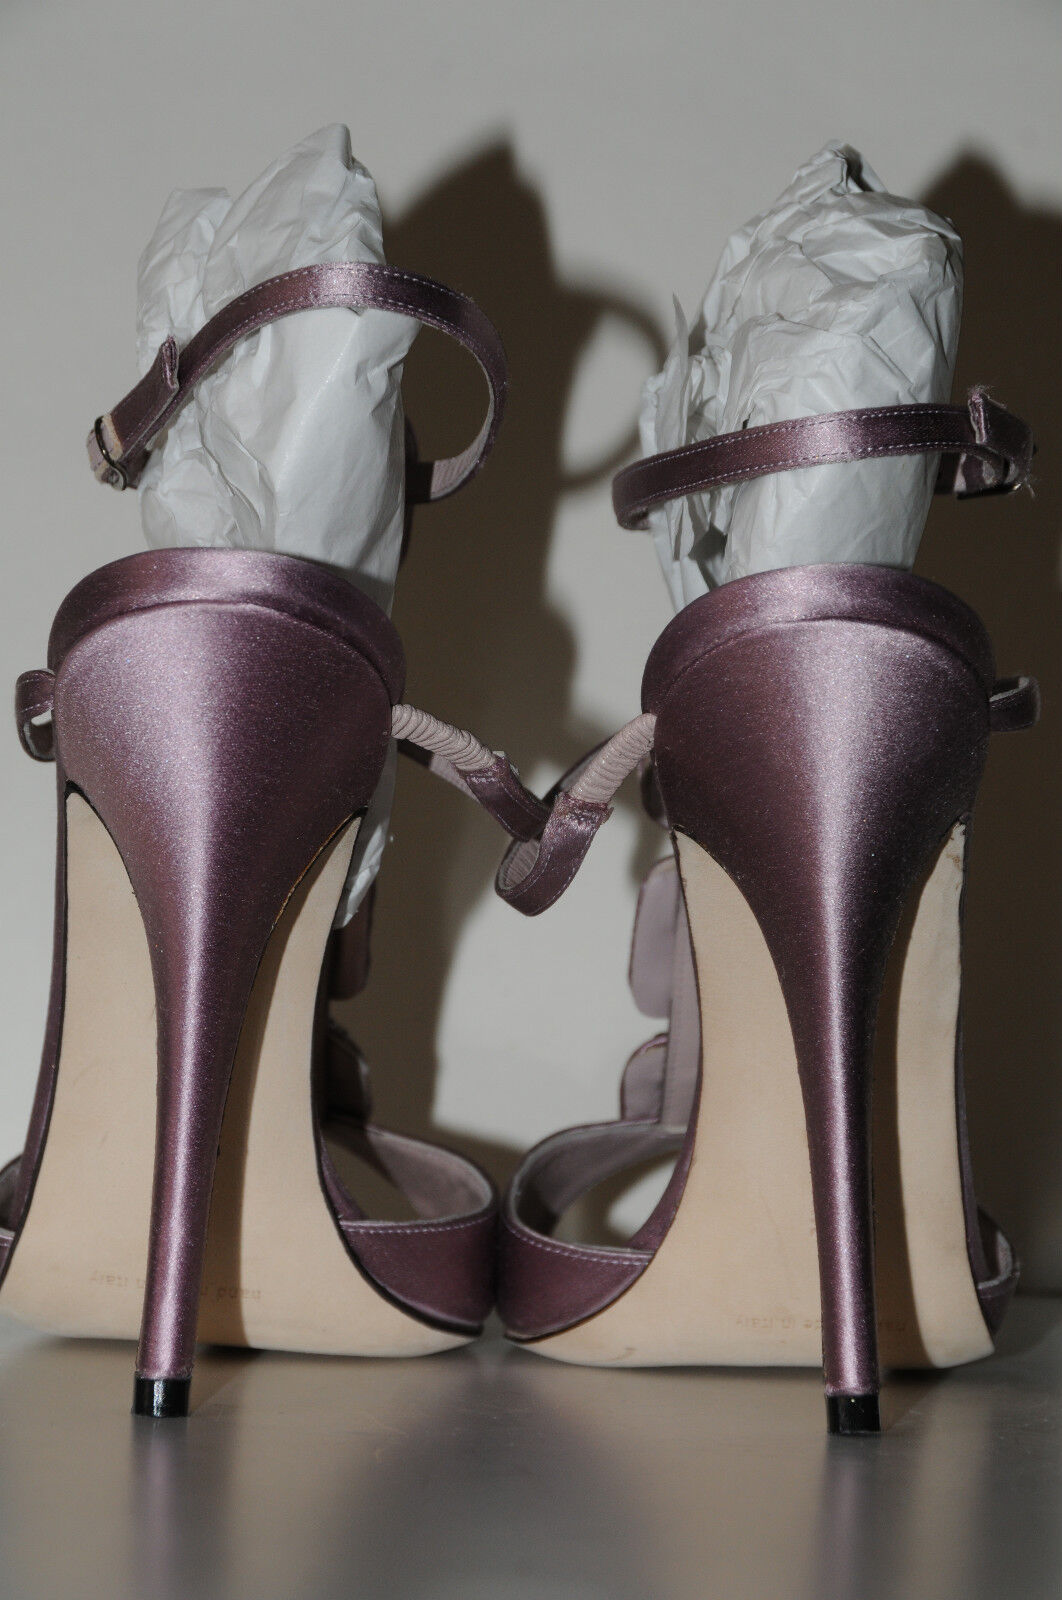 Neuf Femmeolo Blahnik Suw Violet Soirée Soirée Soirée Orné  s 40.5 10.5 10 bf77b9